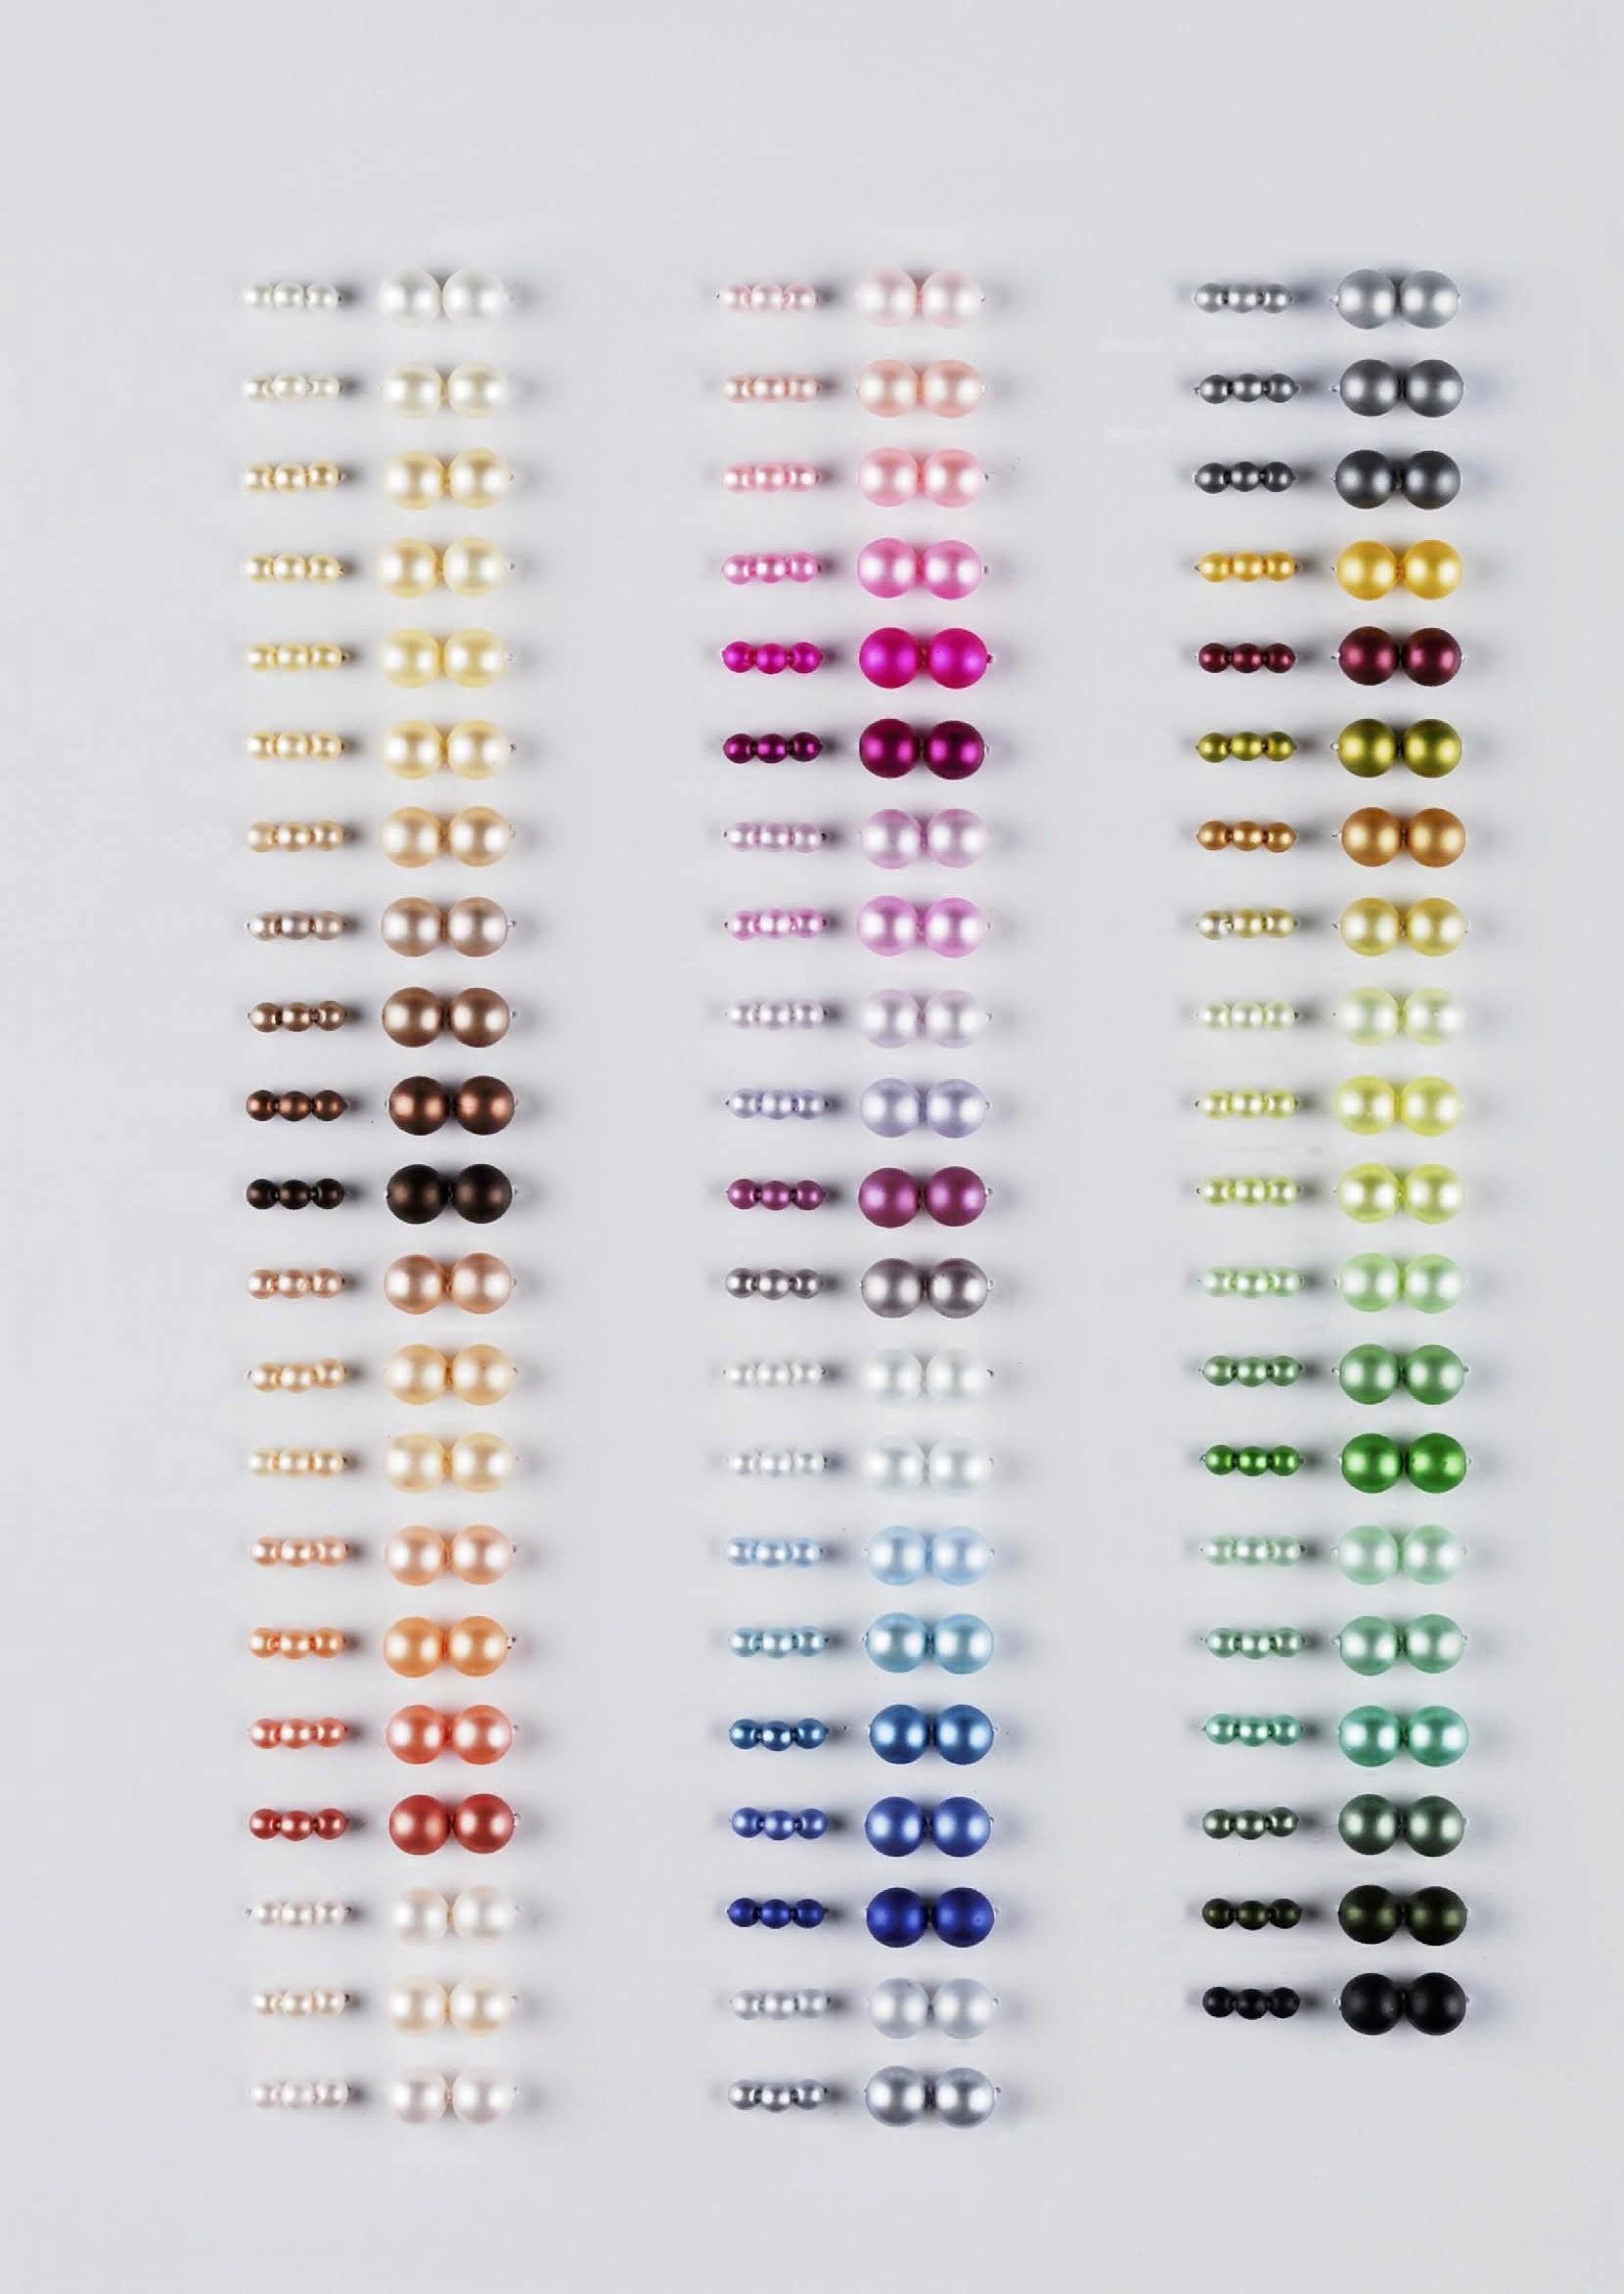 Карта цветов премиальной линейки жемчуга Preciosa Ornelа